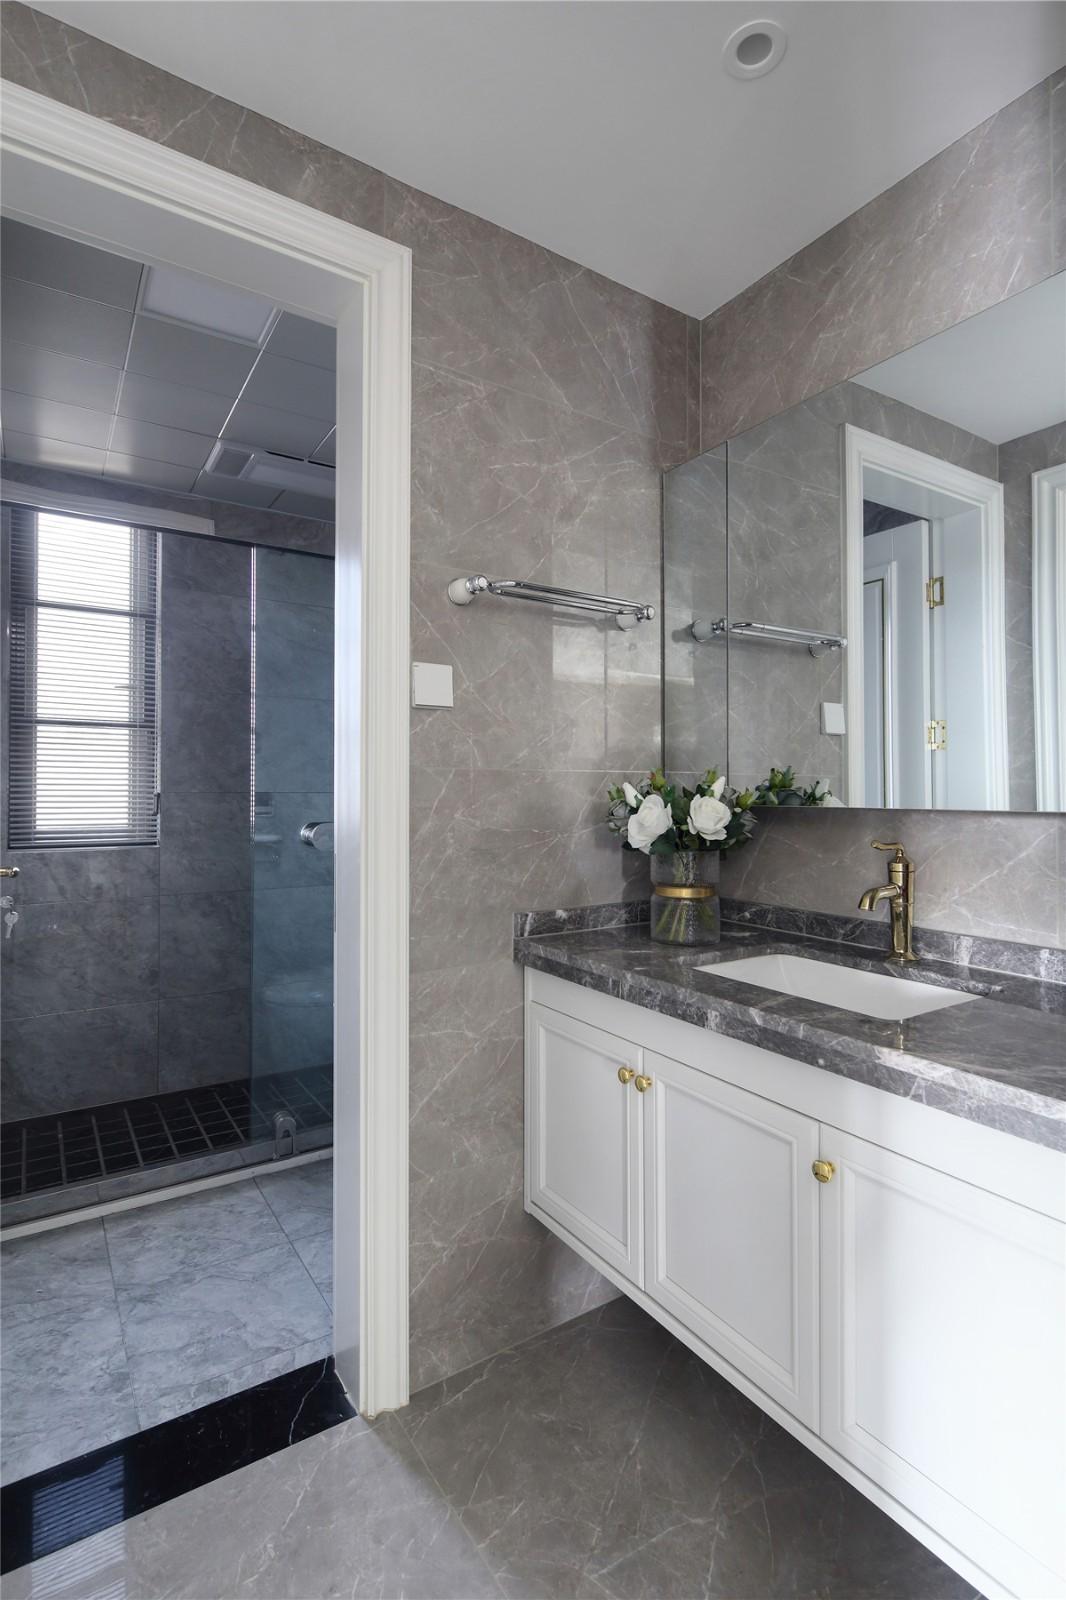 2020美式衛生間裝修圖片 2020美式浴室柜裝修圖片